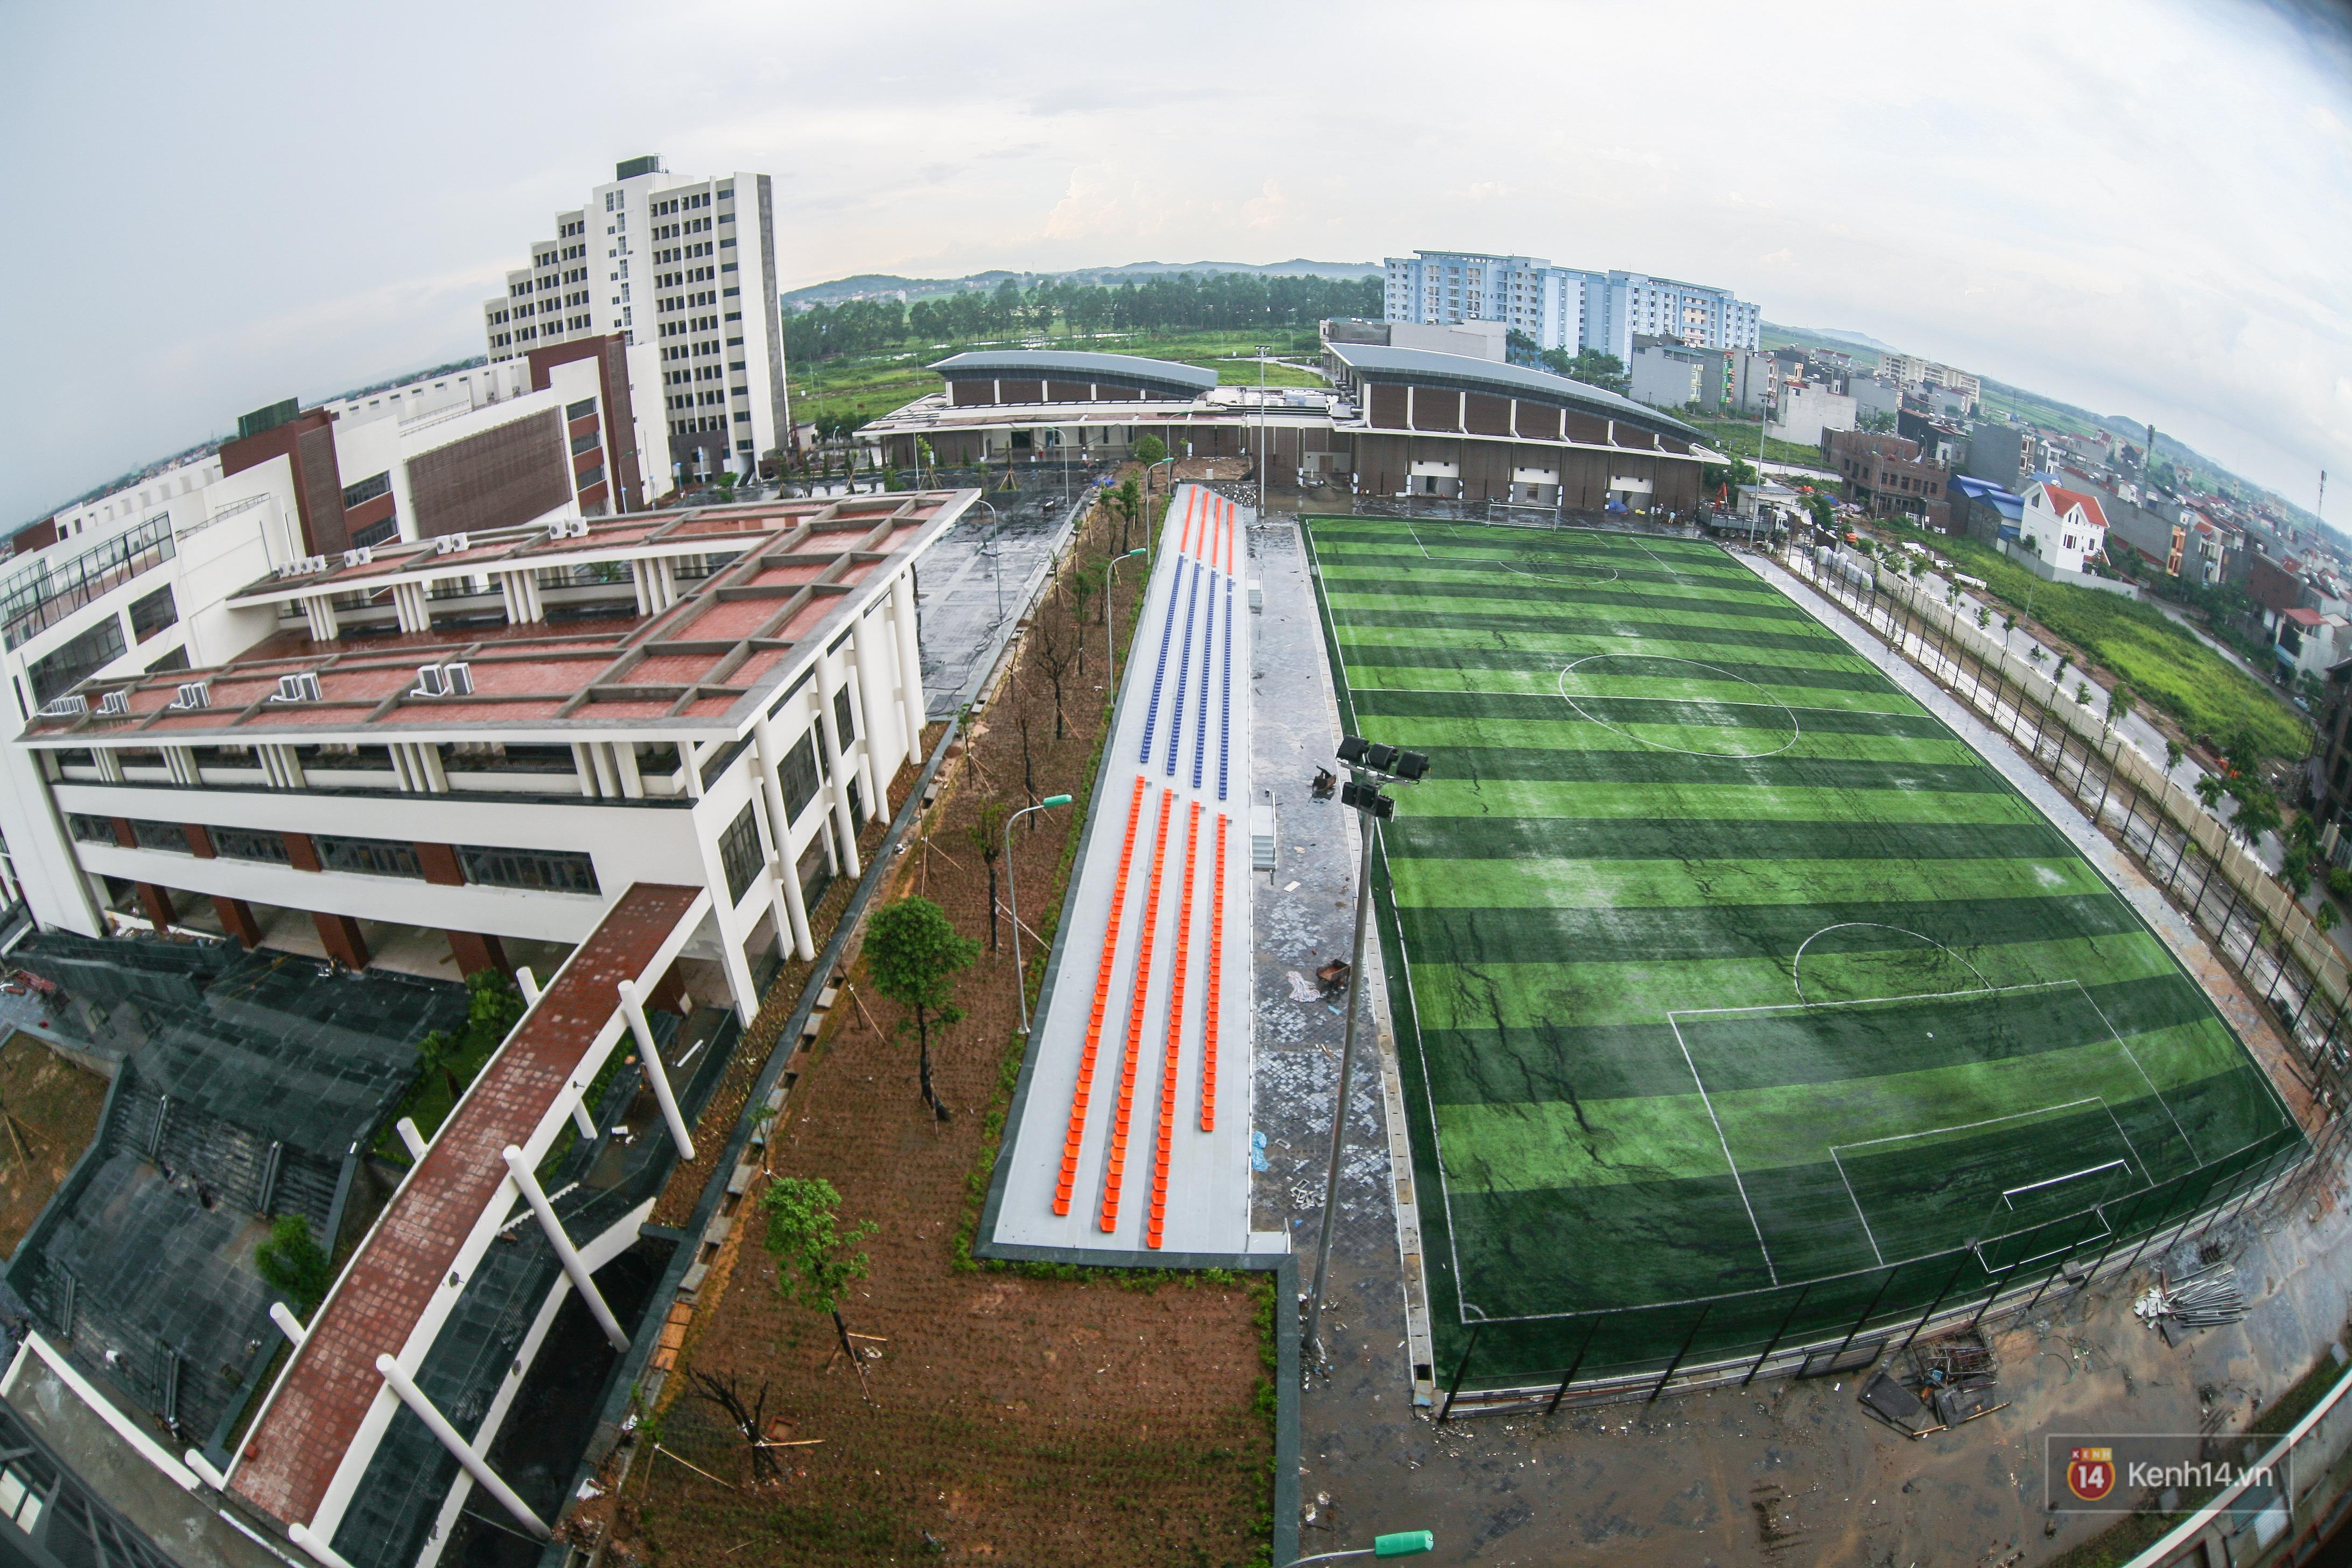 Cận cảnh ngôi trường chuyên 600 tỉ của Bắc Ninh: Đẹp, sang và Tây hết nấc! - Ảnh 3.